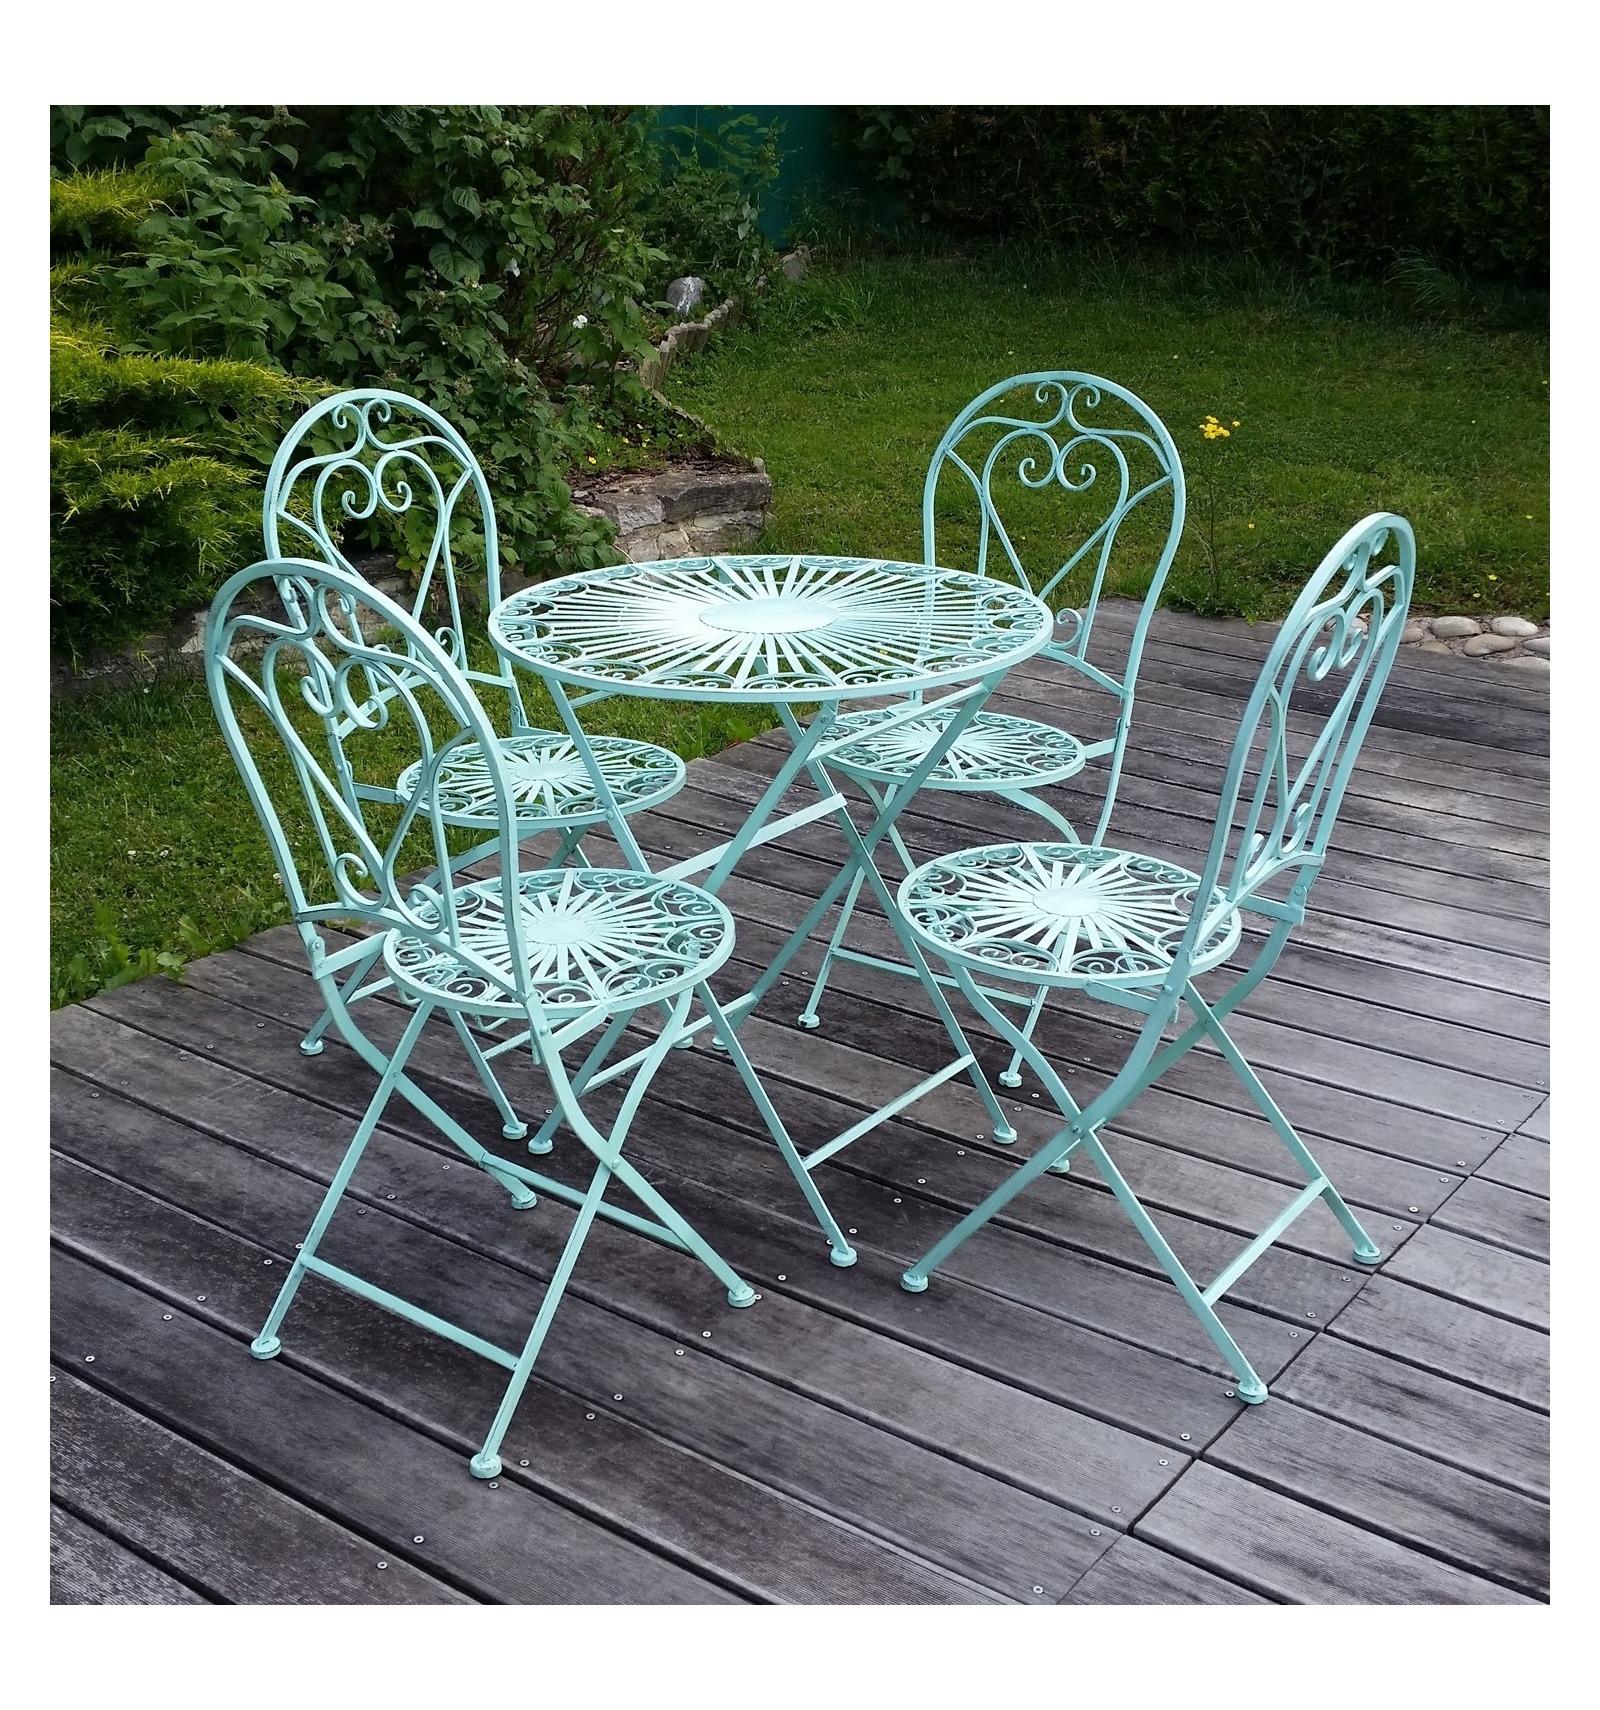 Jard n del hierro labrado silla y mesa for Muebles de jardin de hierro